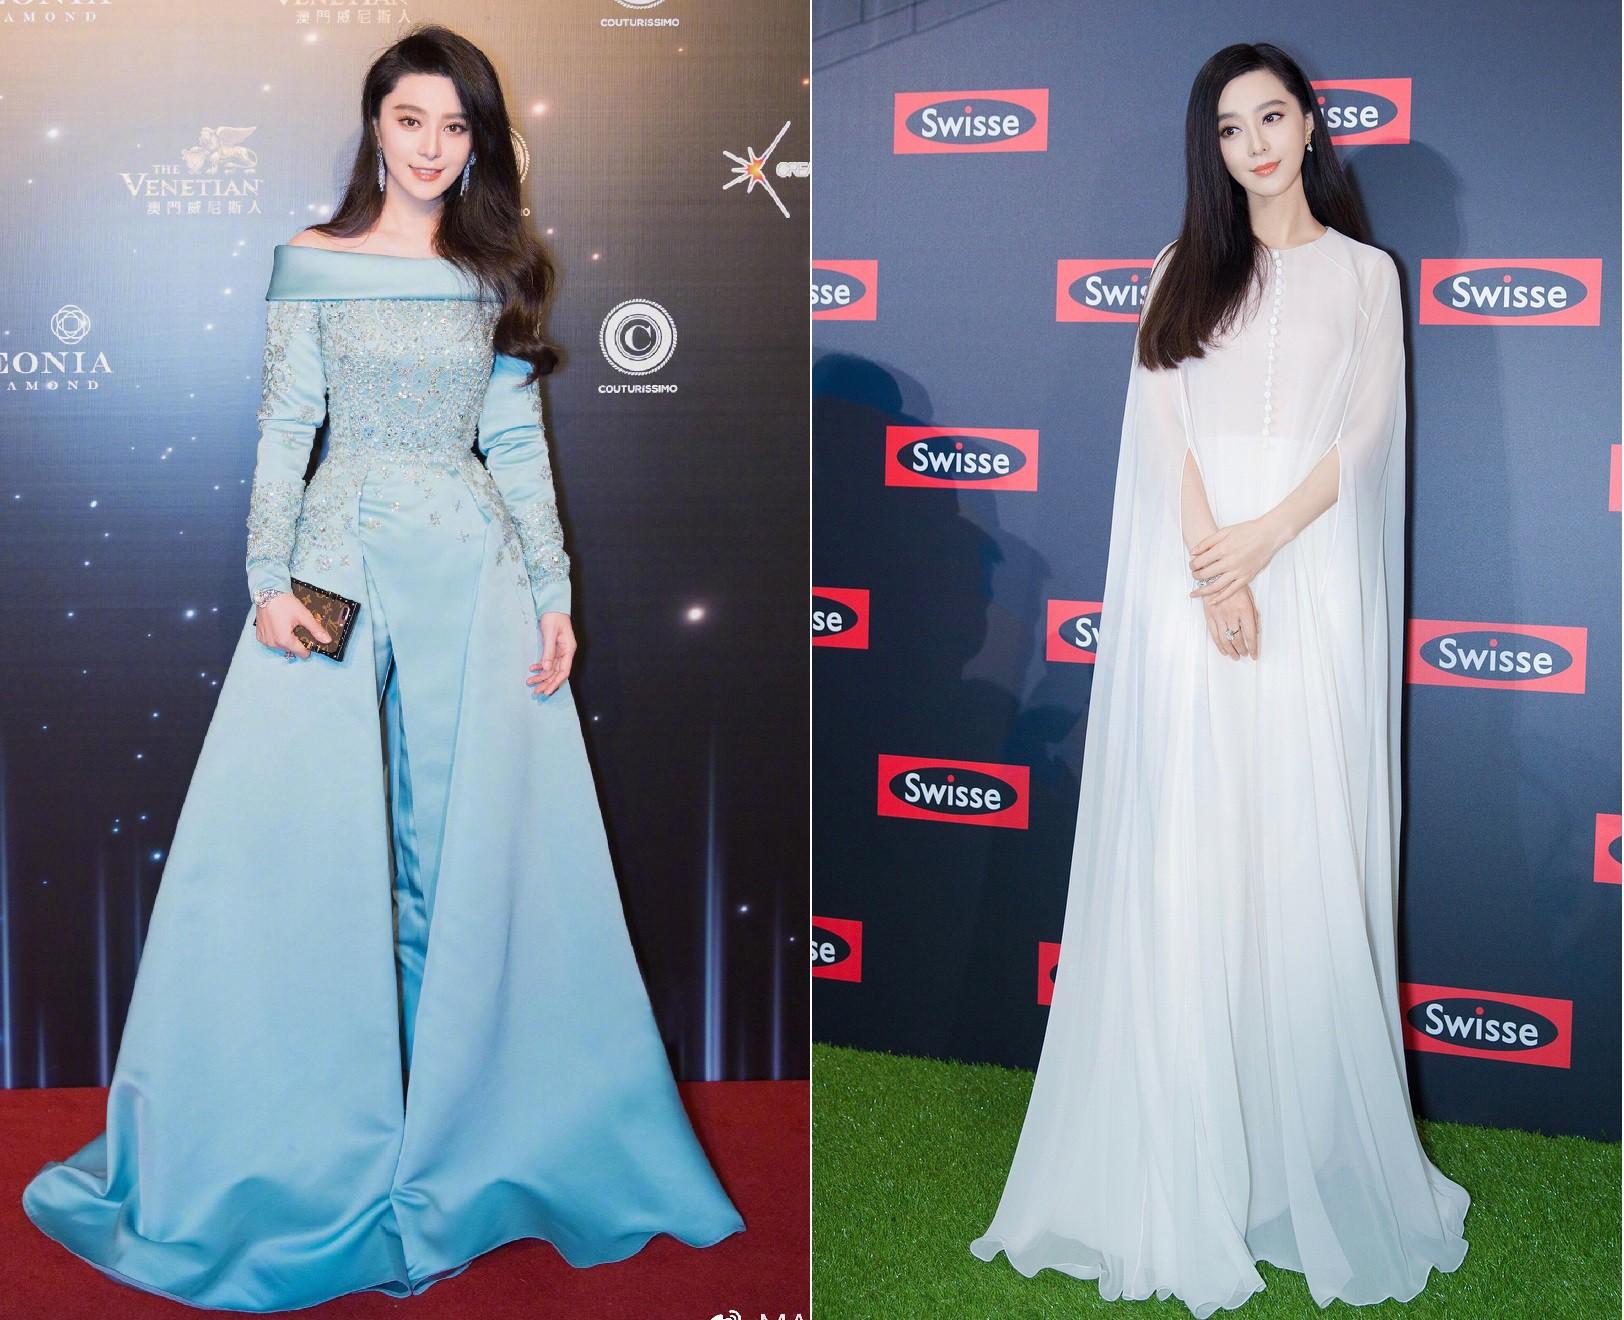 Style của bộ 3 Hoàn Châu Cách Cách: A hoàn trở thành nữ hoàng thảm đỏ sang chảnh lồng lộn, 2 công chúa lại đơn giản, nhẹ nhàng bất ngờ - Ảnh 15.